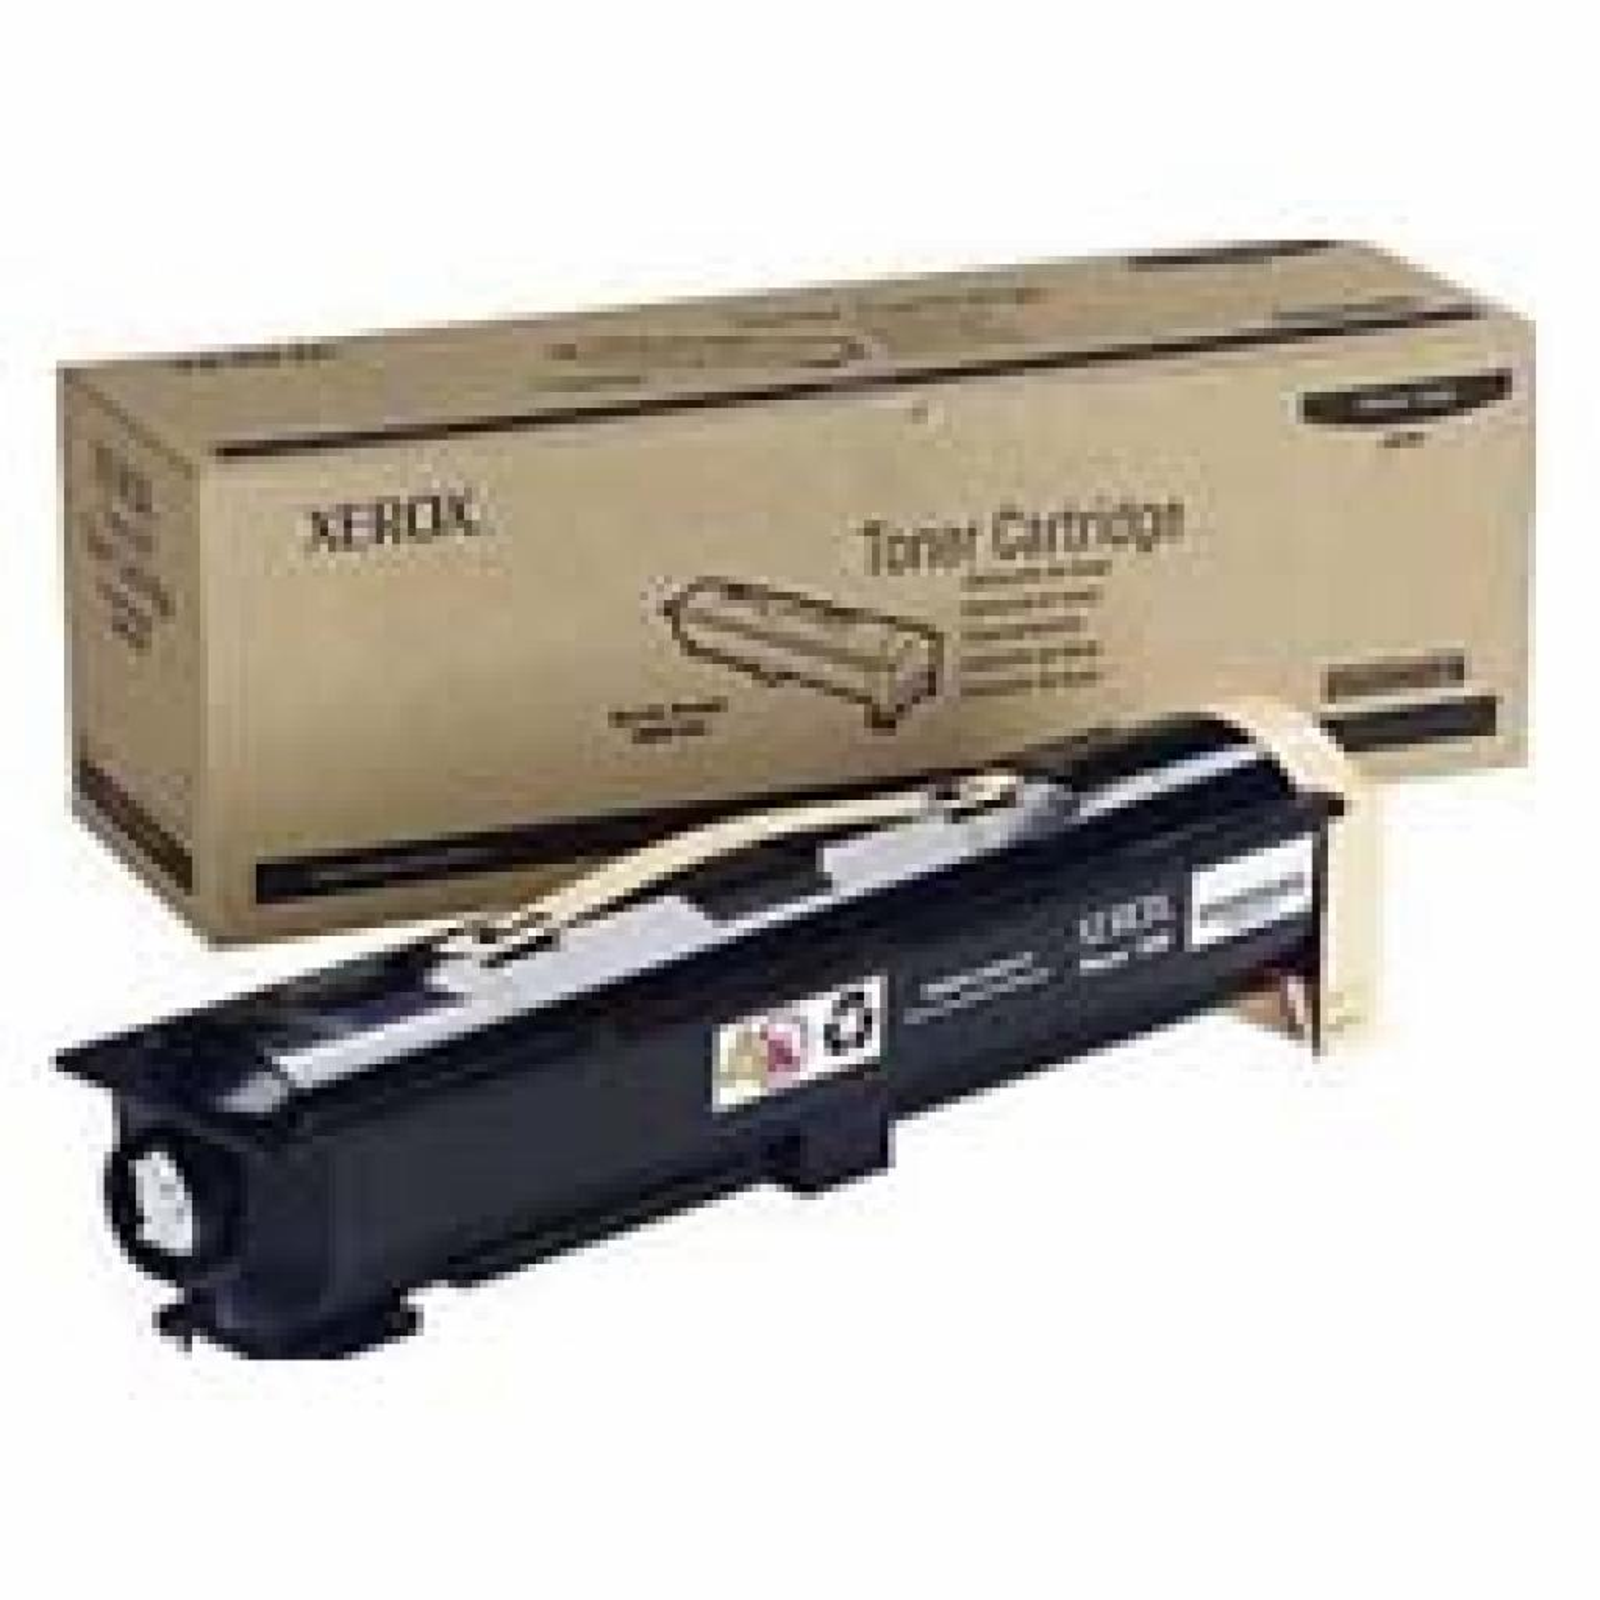 Тонер-картридж XEROX WC 5225/5230 (30K) (106R01305)